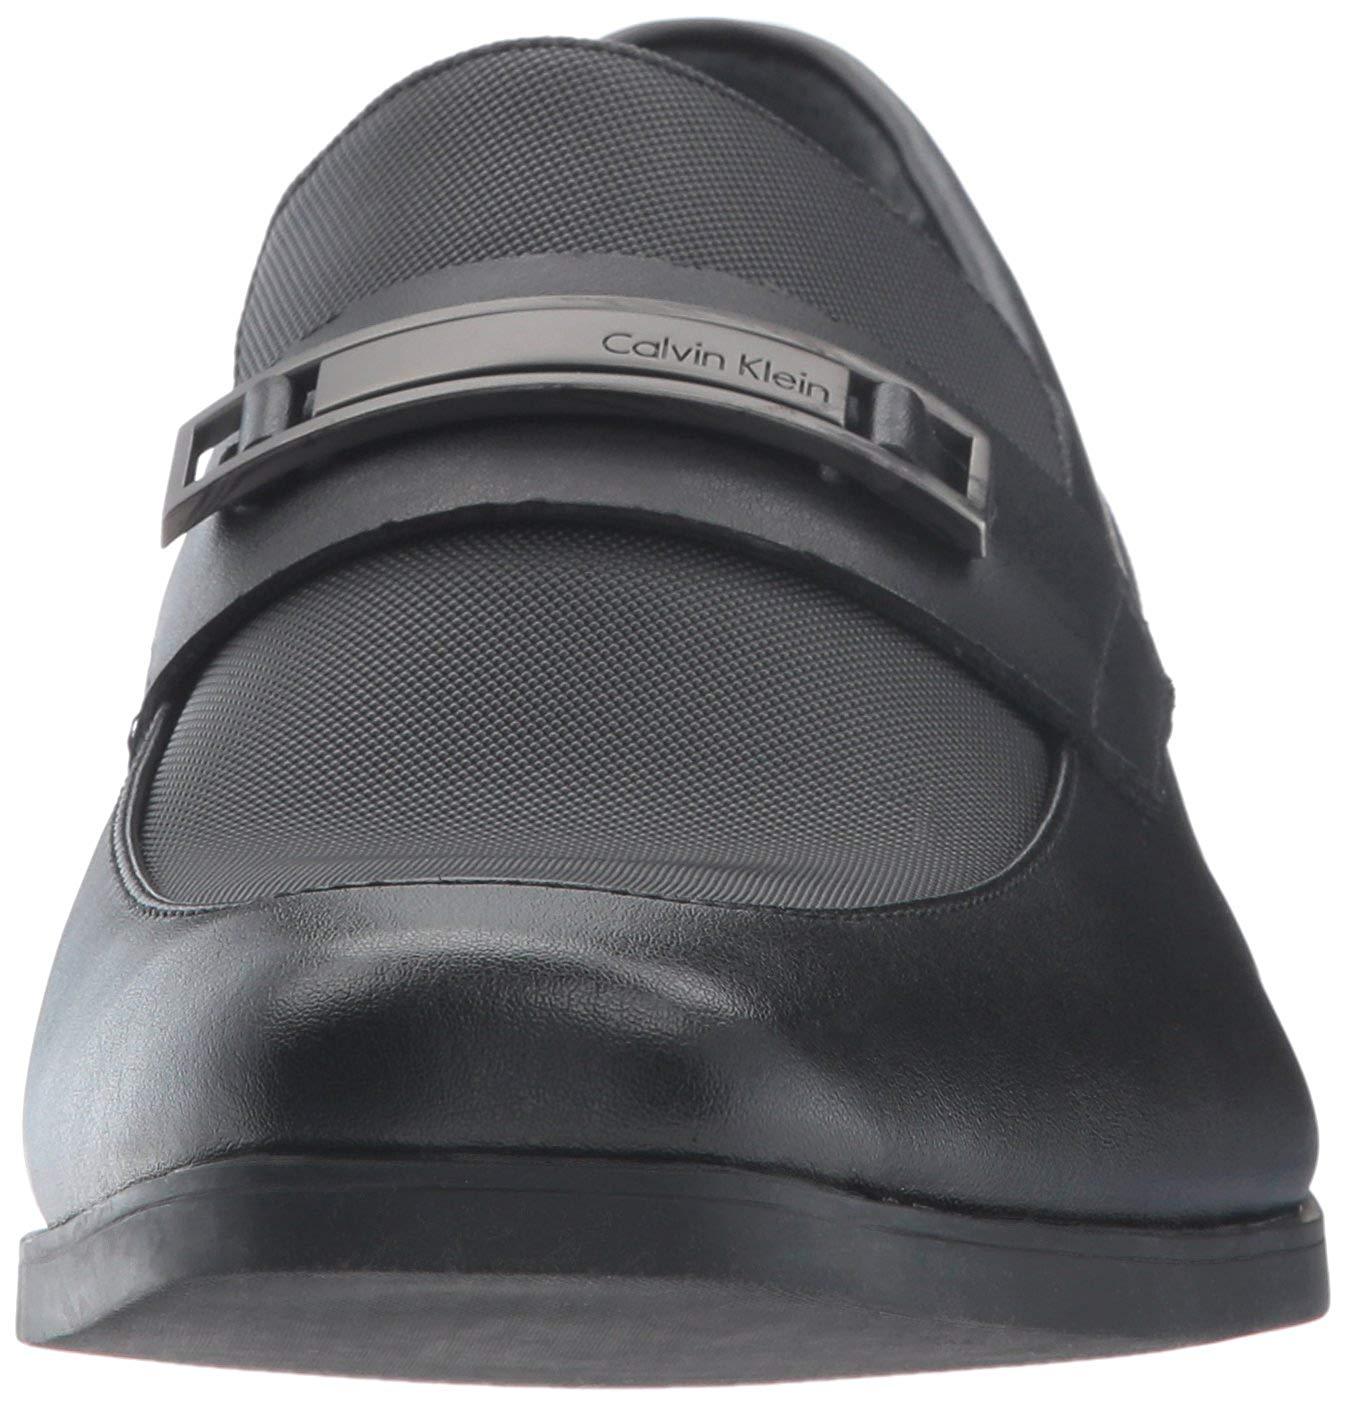 Calvin-Klein-Men-039-s-Jameson-Soft-Leather-City-Emboss-Slip-On-Loafer thumbnail 8